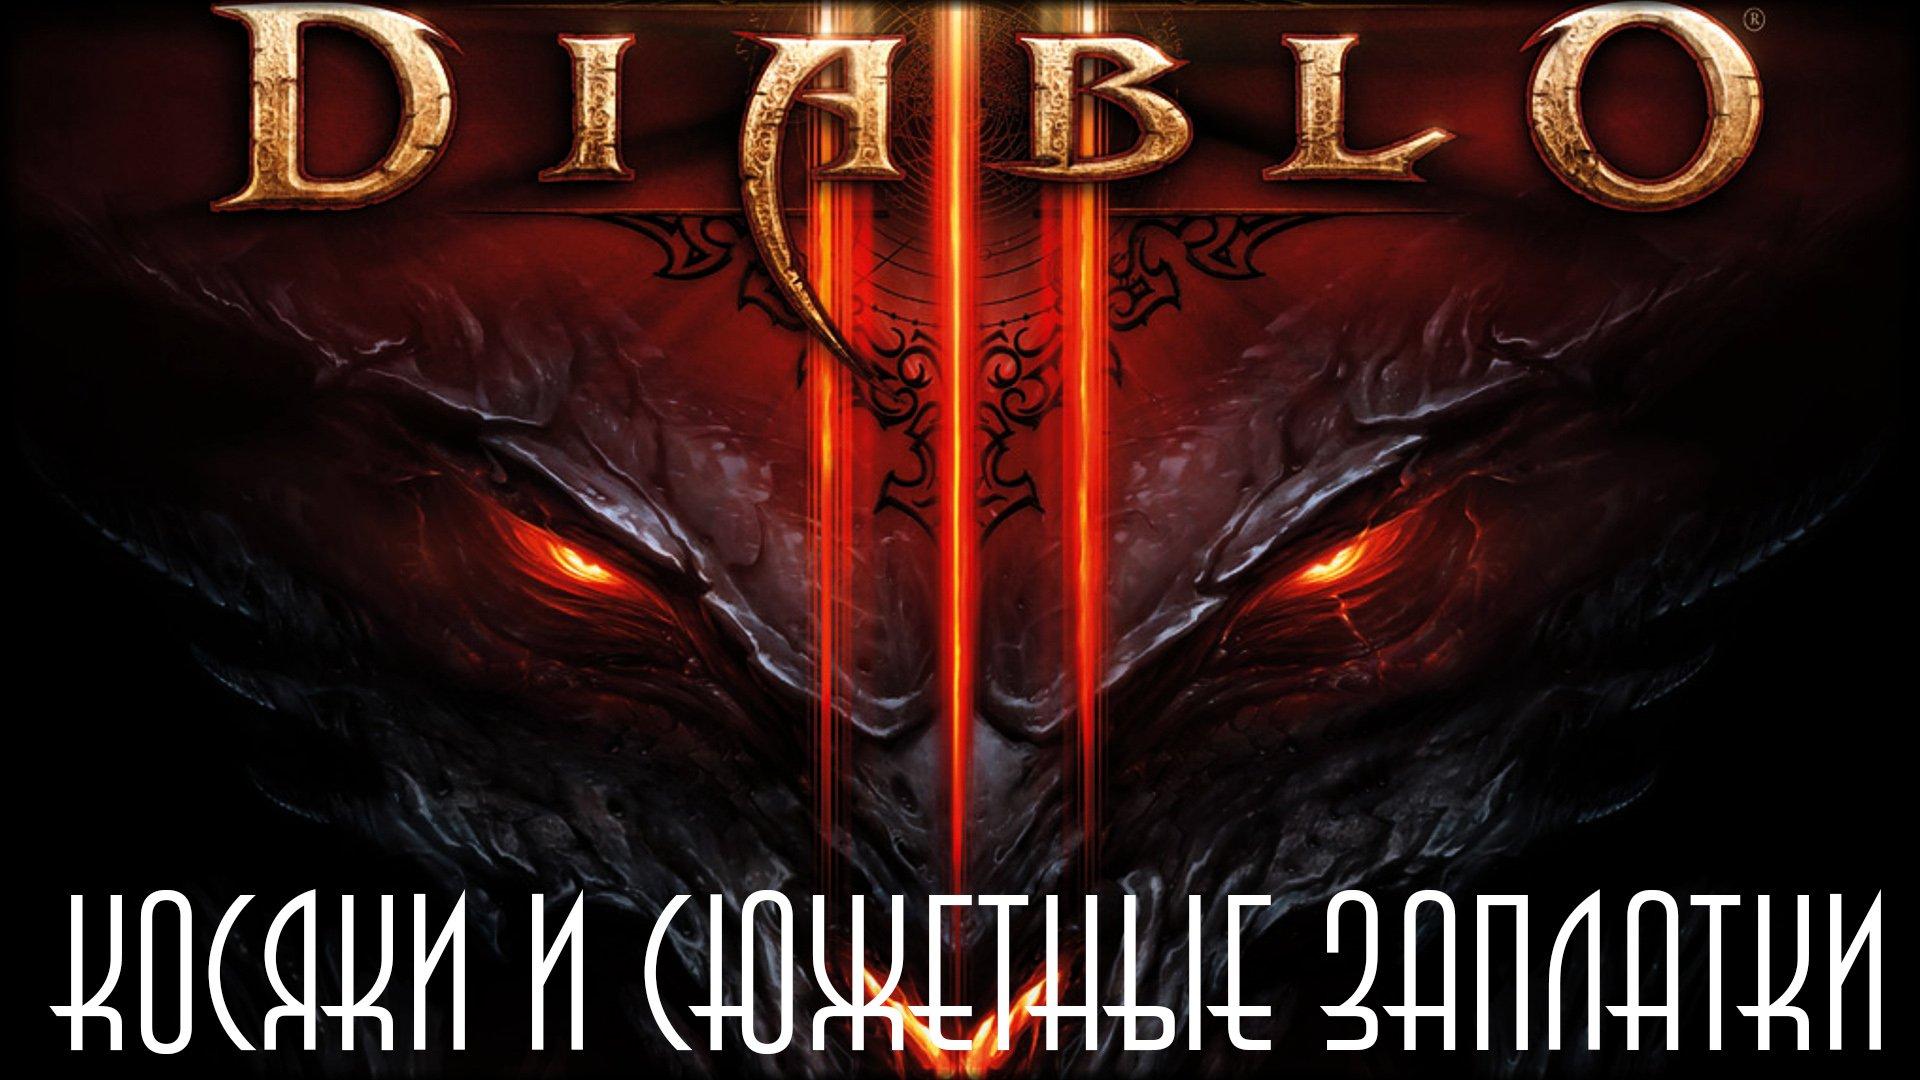 █ Прости, Отец, мы профукали Diablo 3 █ Часть 3 █. - Изображение 1